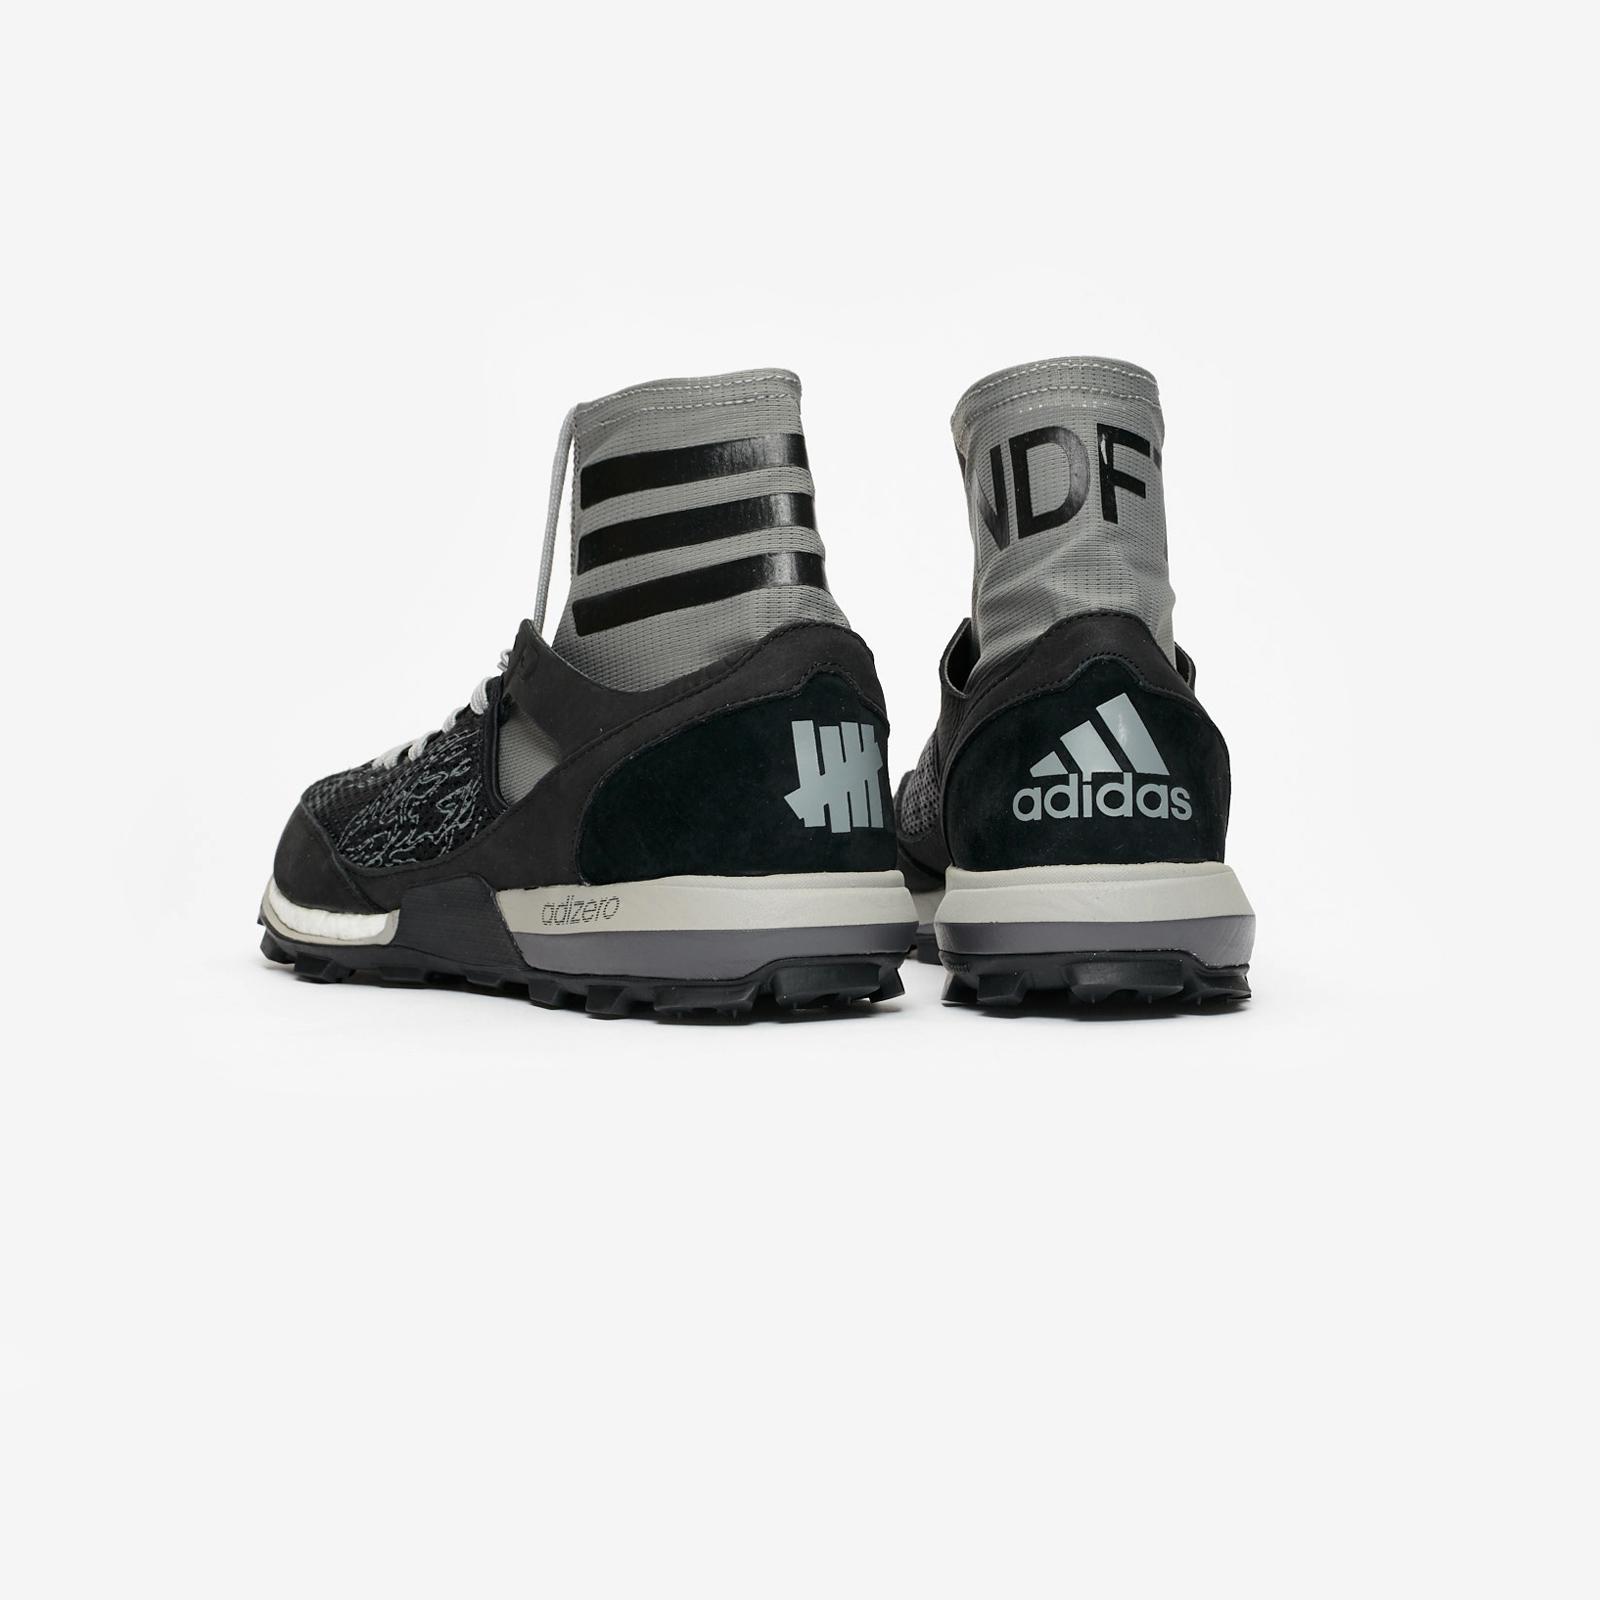 591fe6d17b3d0 adidas Adizero XT Boost x UNDFTD - Cg7169 - Sneakersnstuff ...